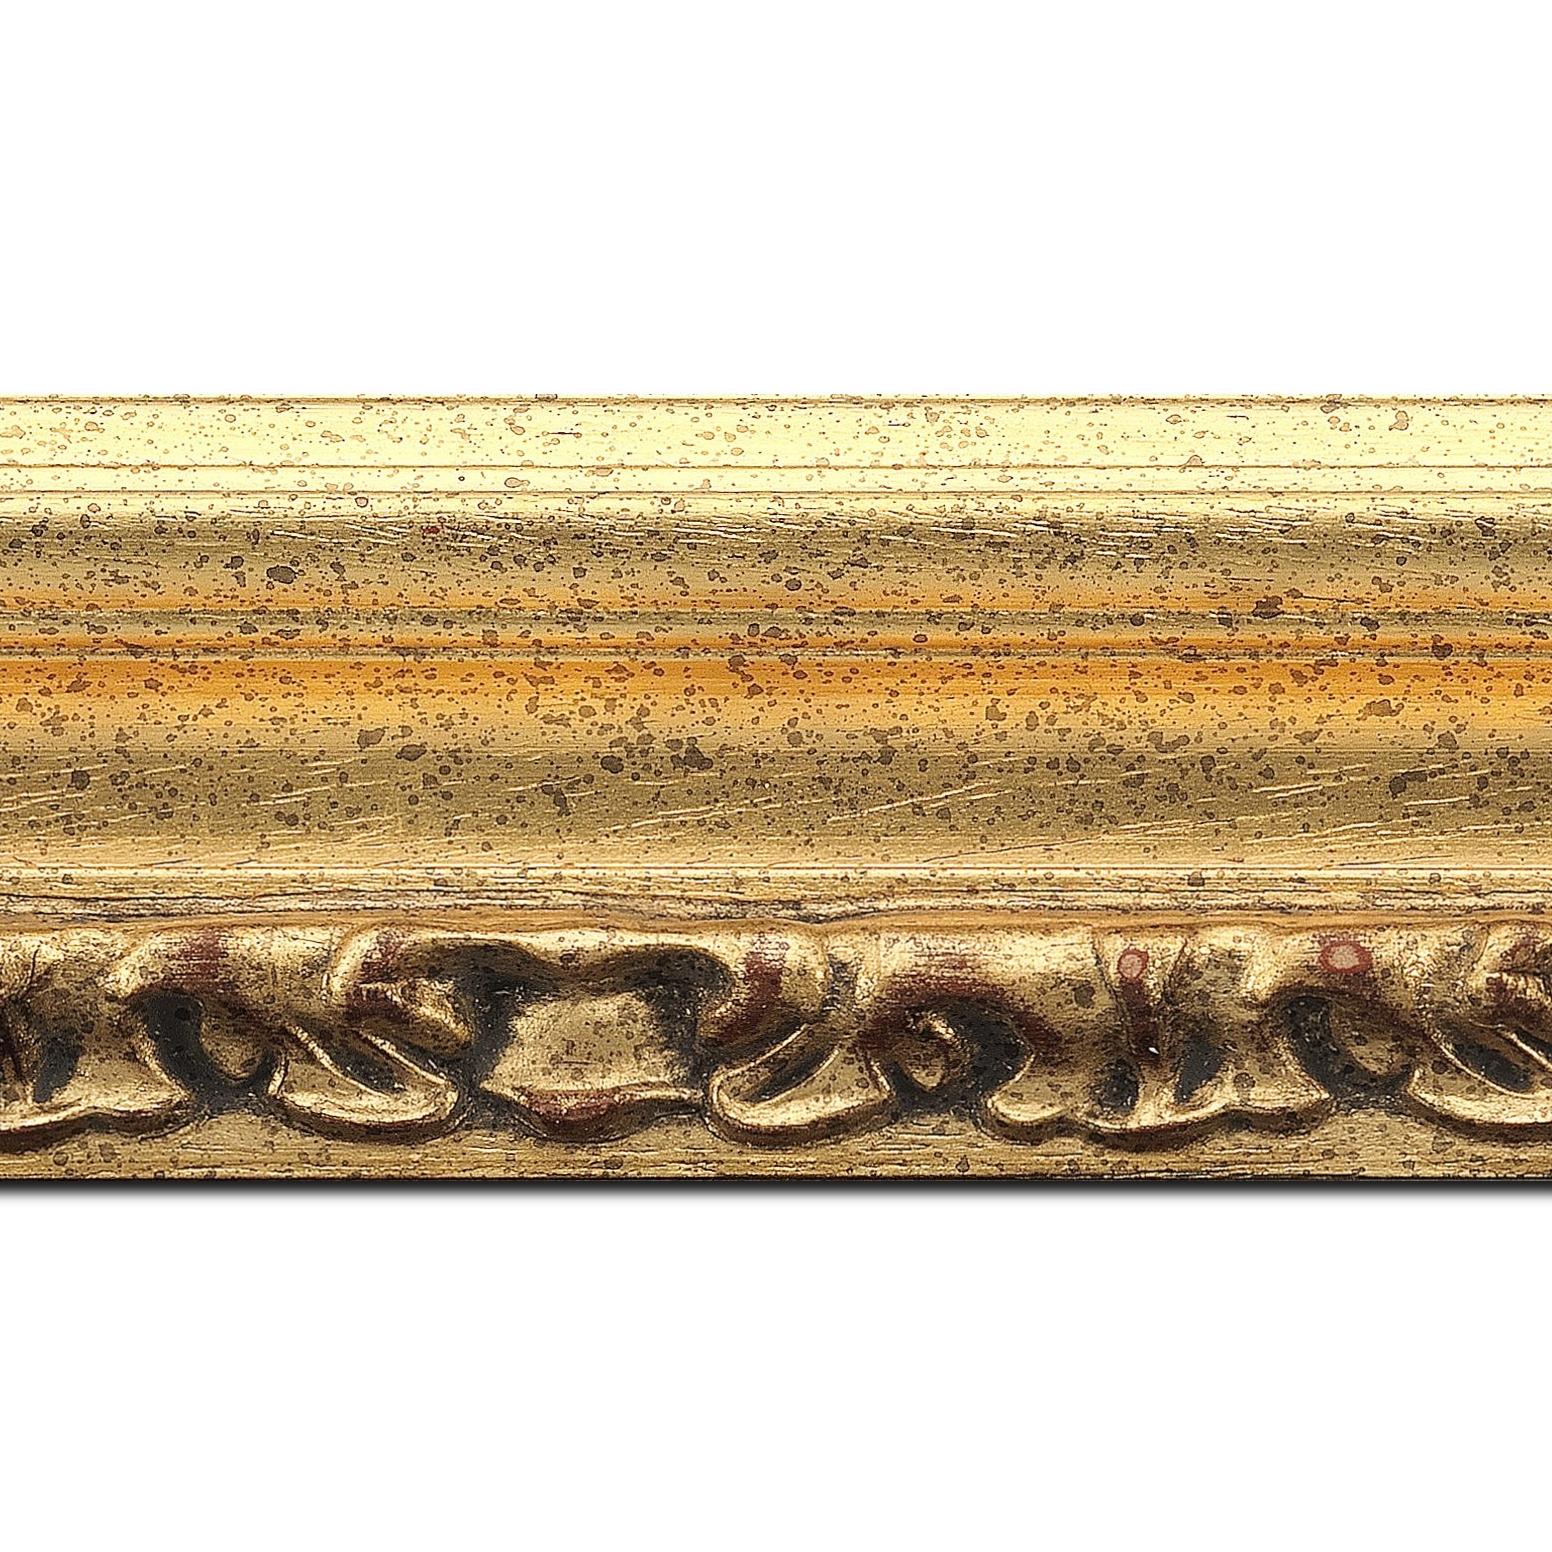 Baguette longueur 1.40m bois profil incurvé largeur 7.9cm or antique nez or à la feuille style